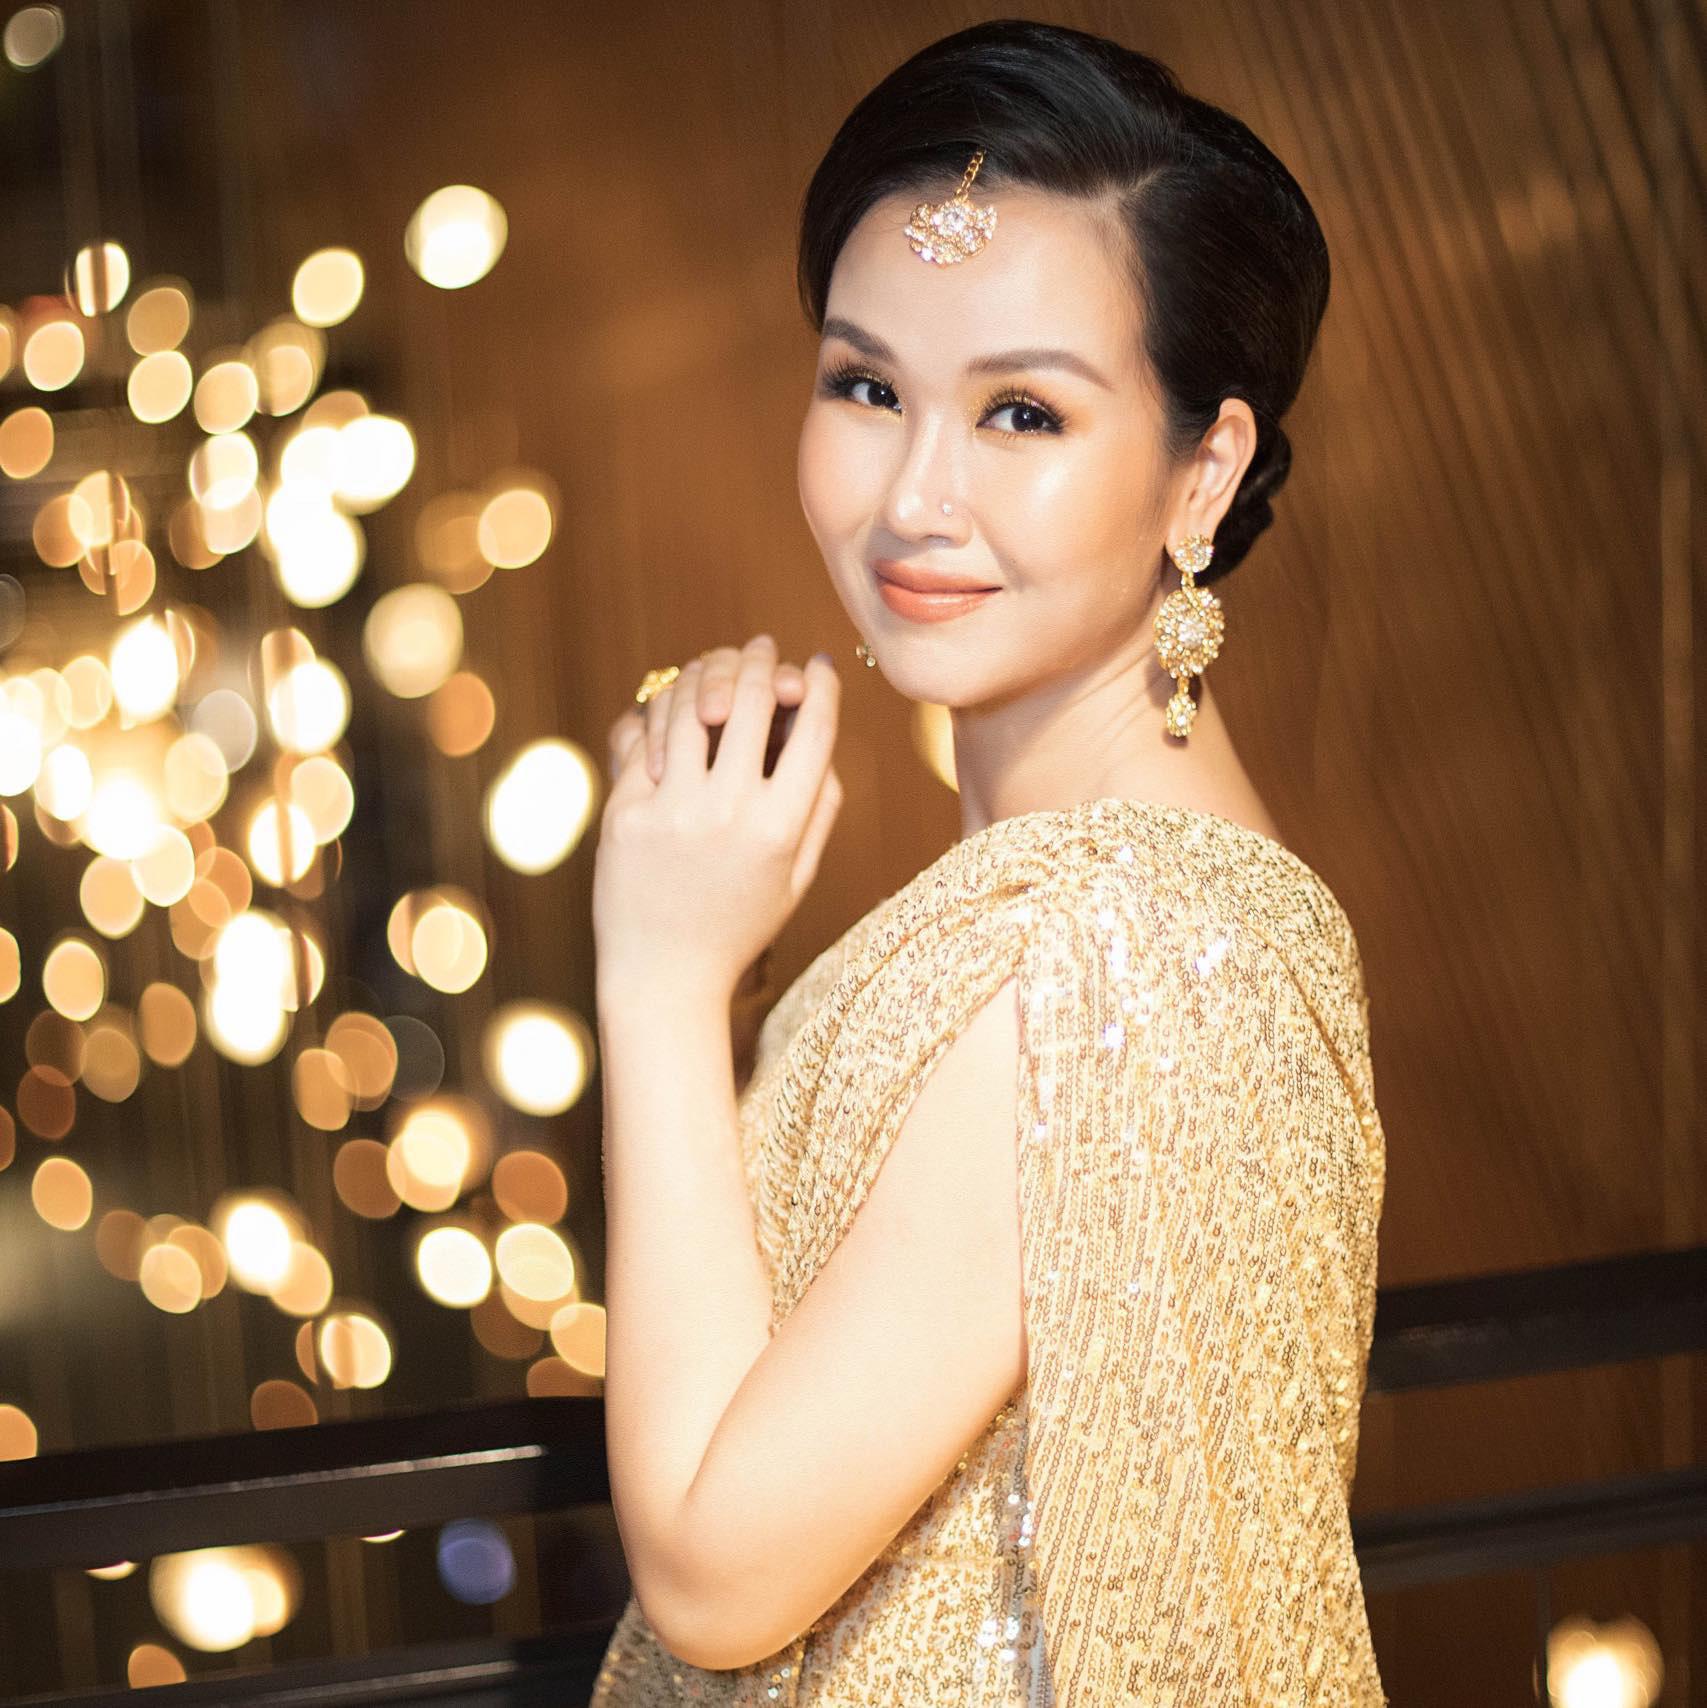 Góc khuất về cuộc sống của 3 mỹ nhân Việt lấy chồng Ấn Độ - Ảnh 8.